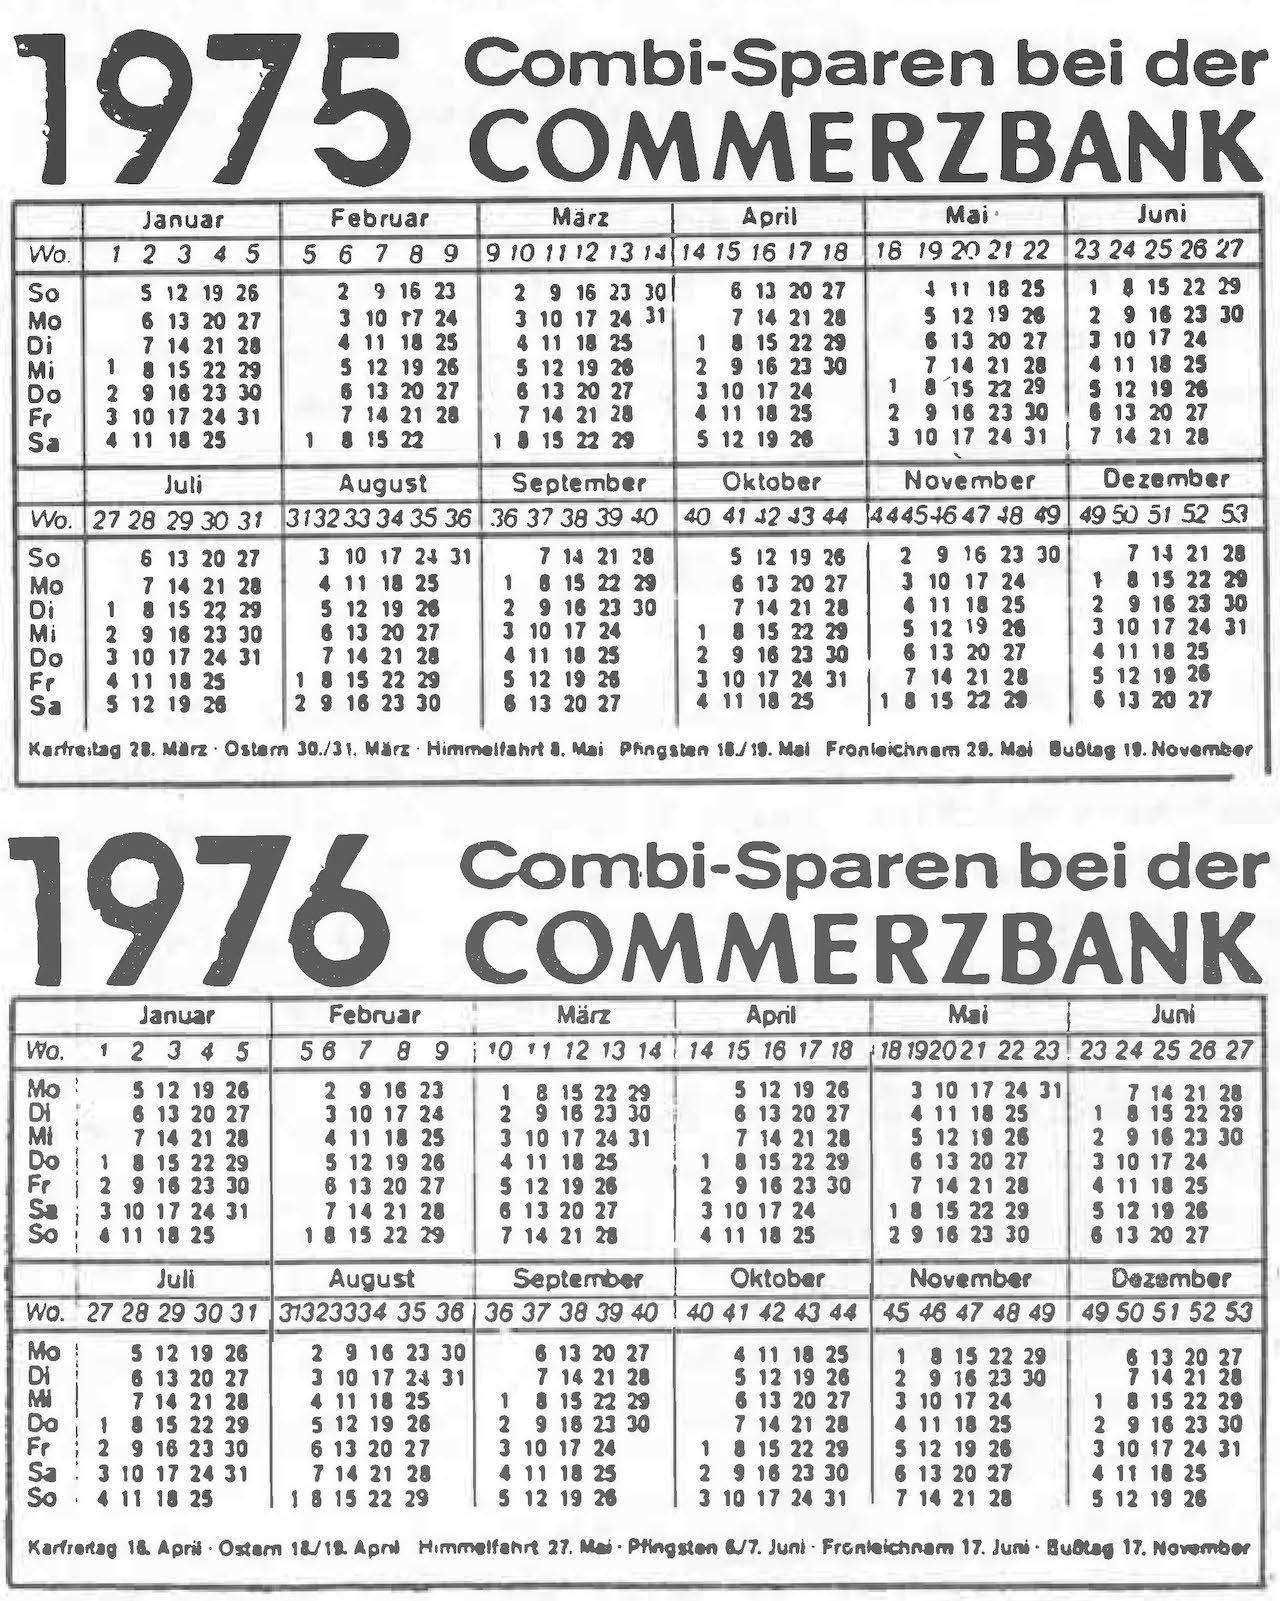 Gott sorgt - Kalenderwechsel 1975/1976